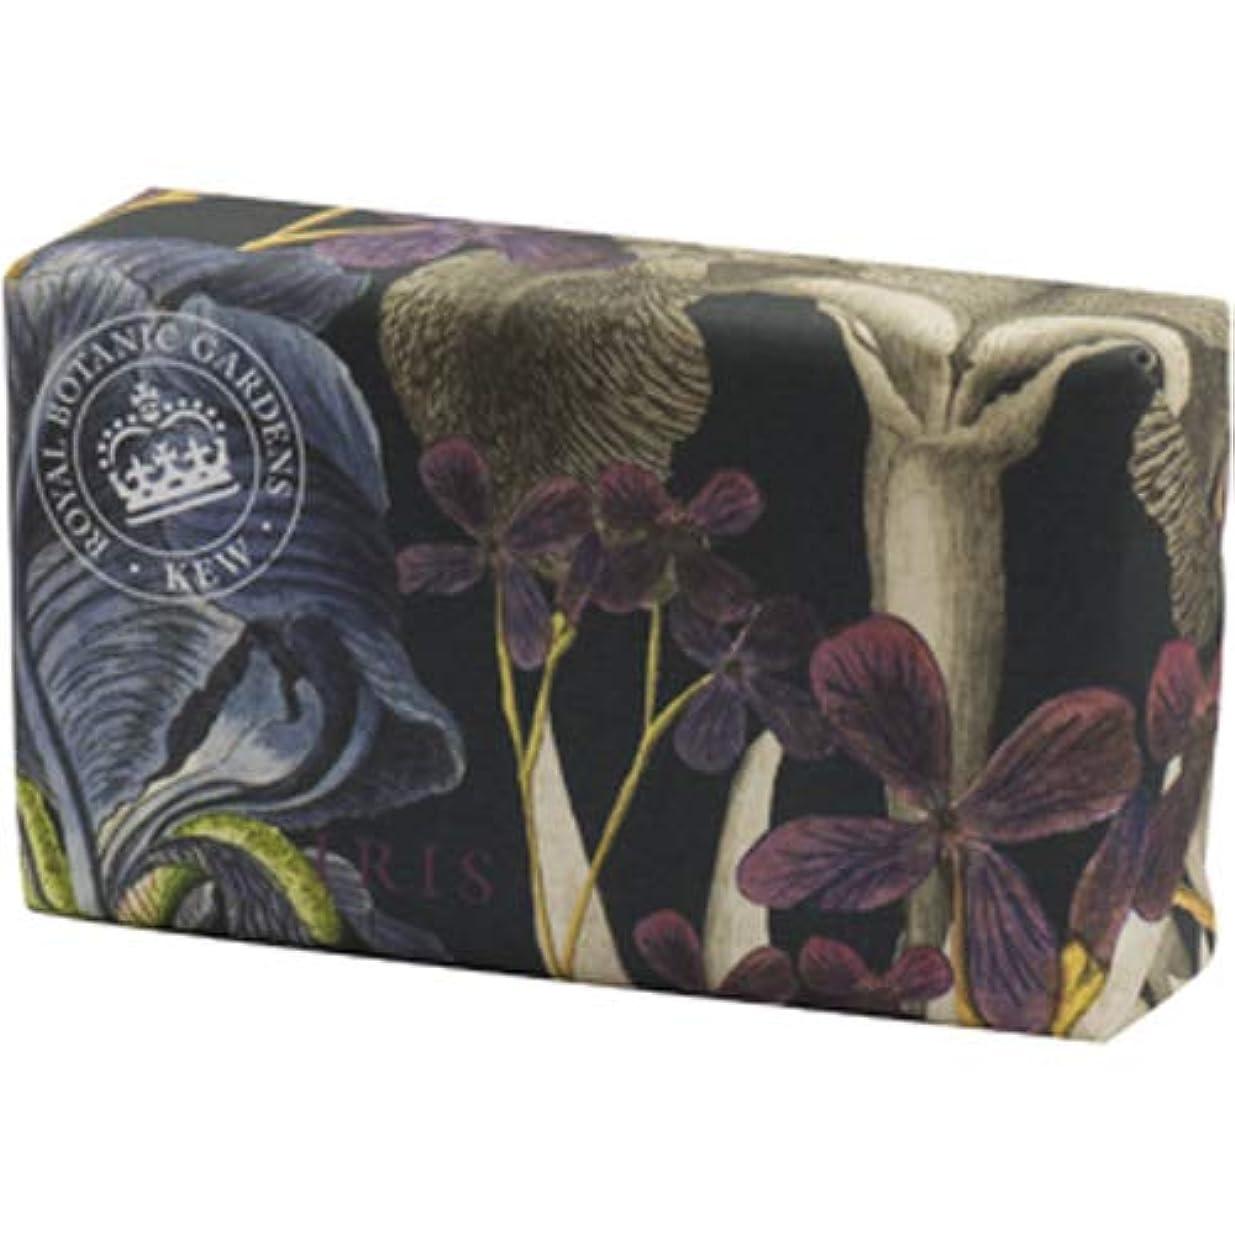 溶かすグリーンランドマニアEnglish Soap Company イングリッシュソープカンパニー KEW GARDEN キュー?ガーデン Luxury Shea Soaps シアソープ Iris アイリス